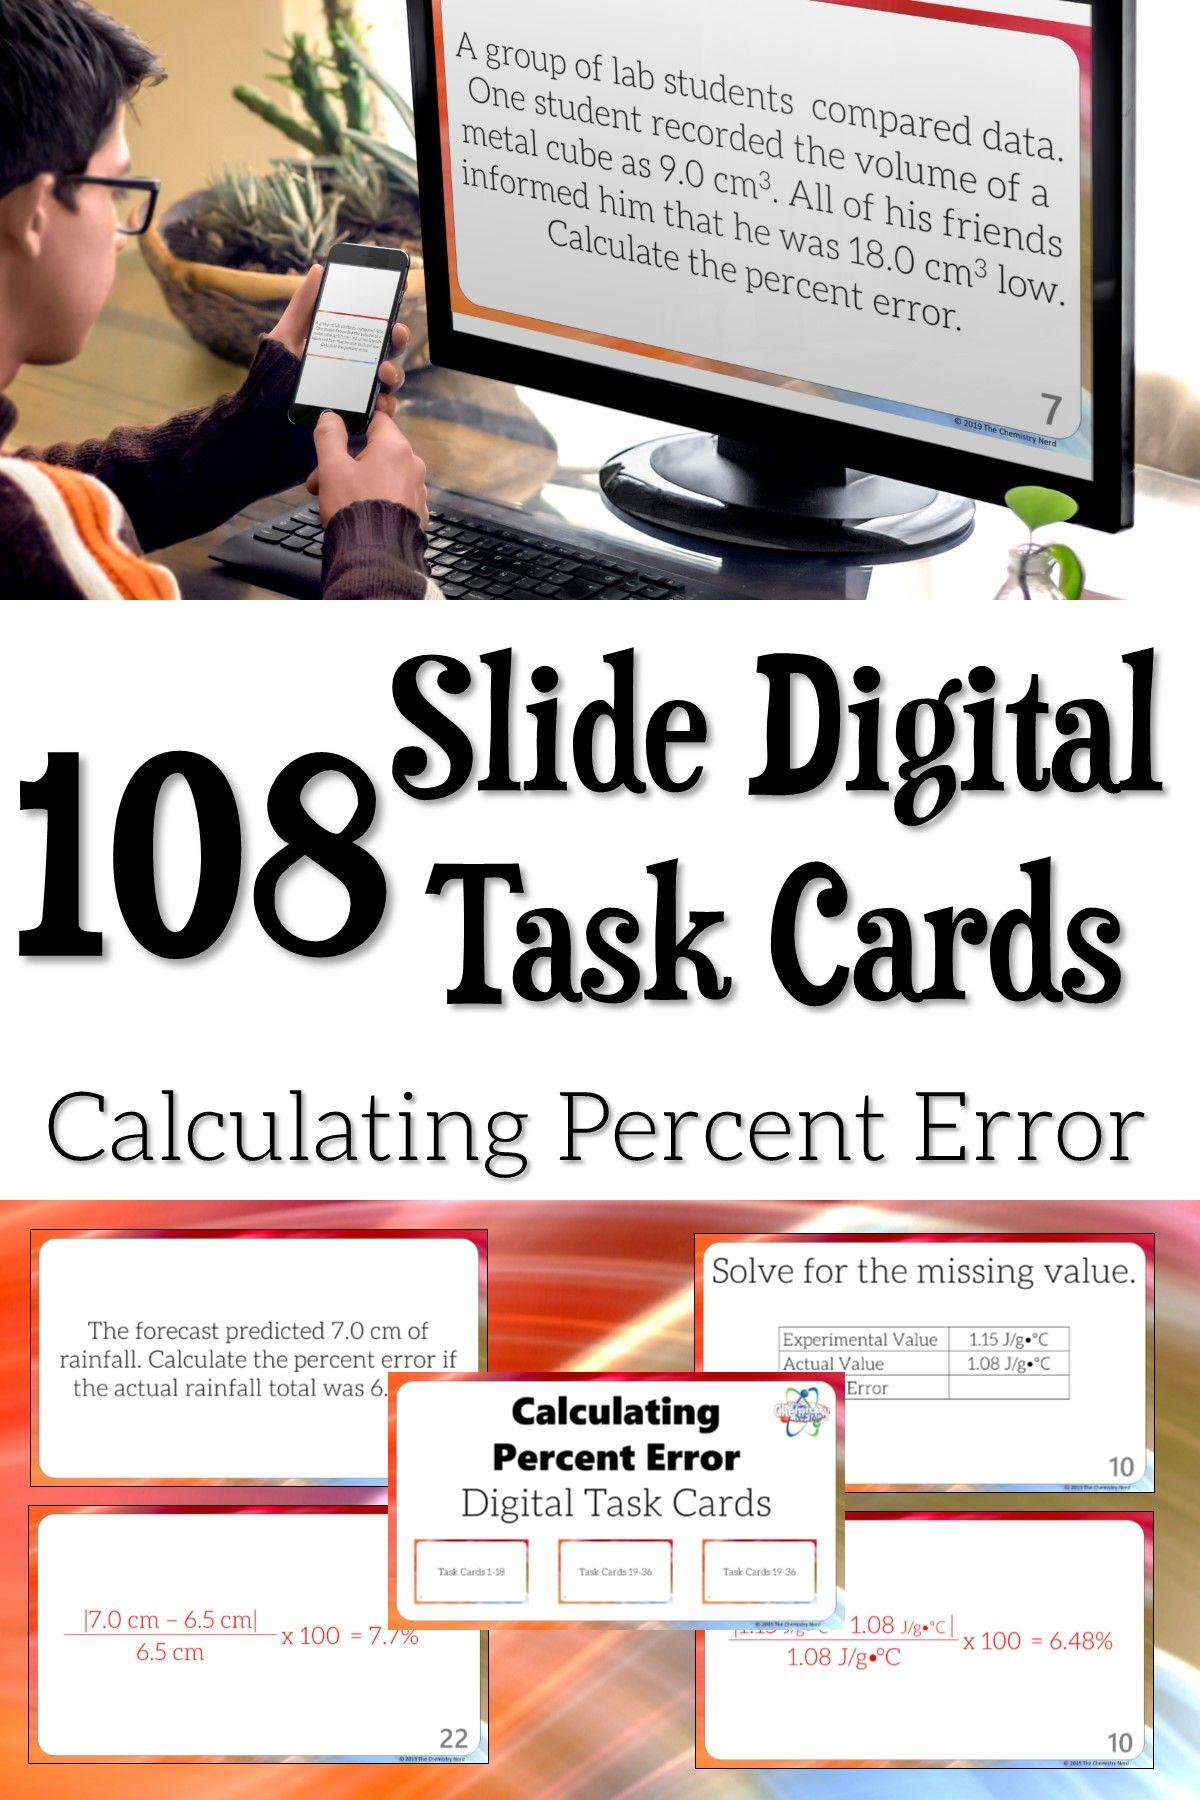 108 Slide Digital Task Cards Calculating Percent Error Task Cards Digital Task Cards Learning Stations